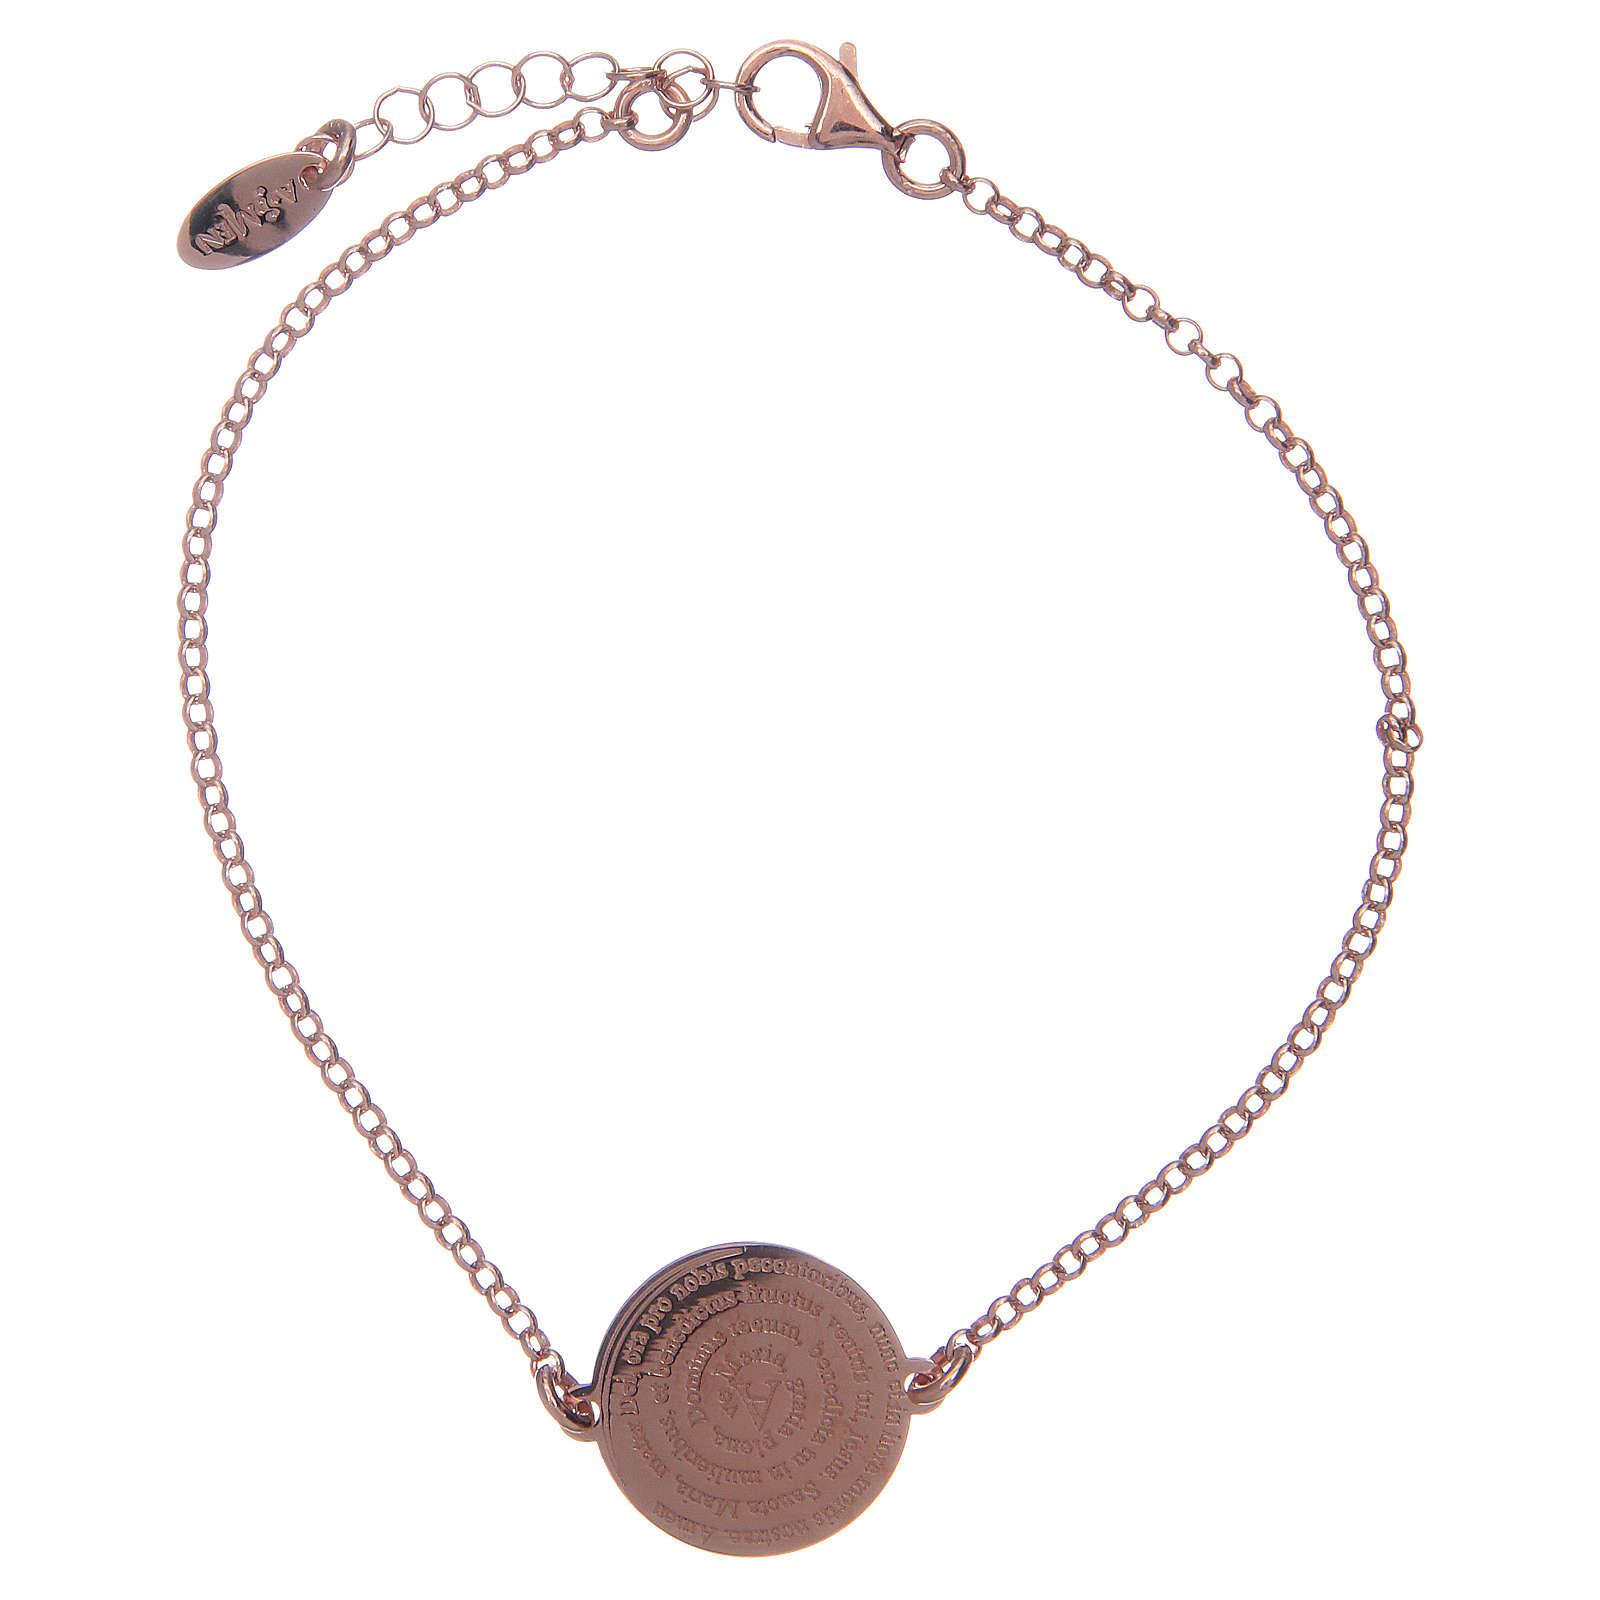 Amen-Armband aus rosigem Silber 925 mit Ave Maria Gebet auf Latein 4